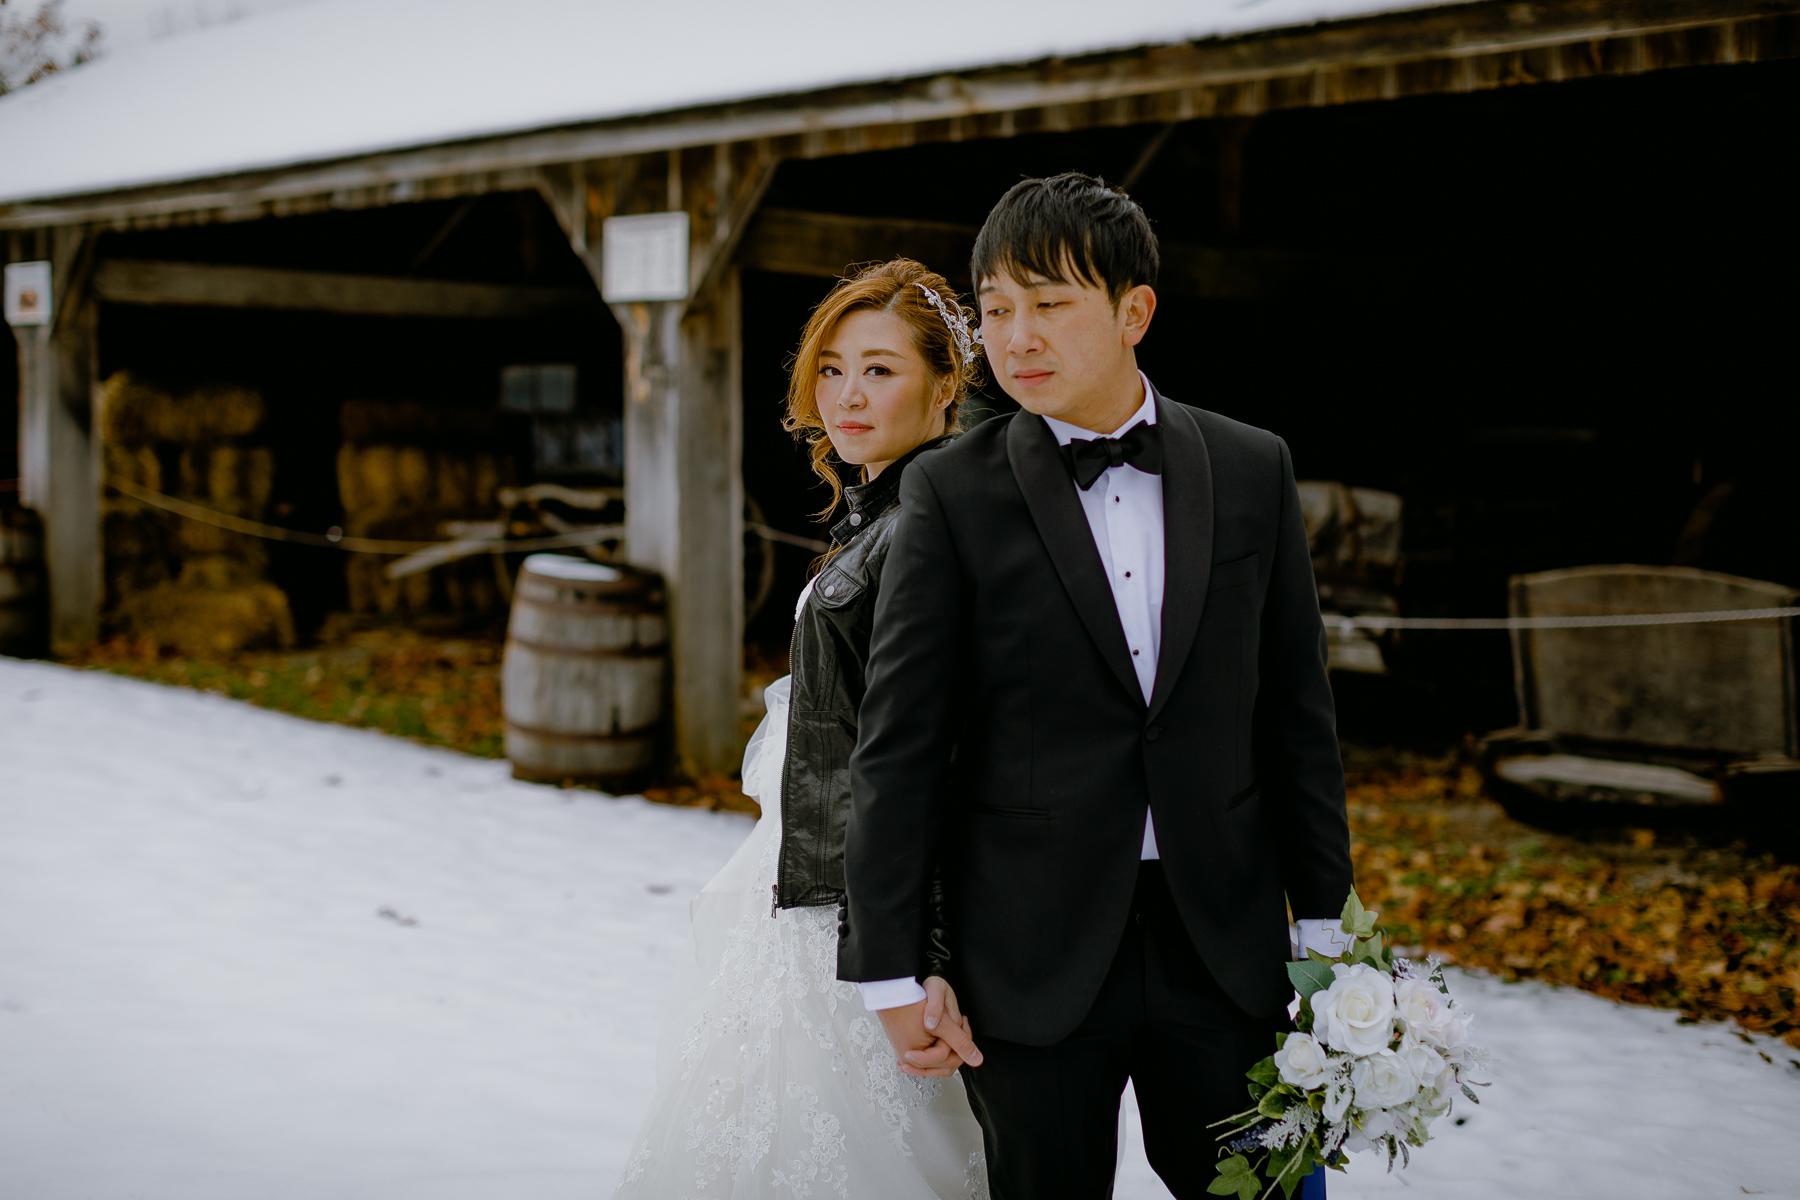 markham-wedding-photography-markham-museum-wedding 0022.jpg